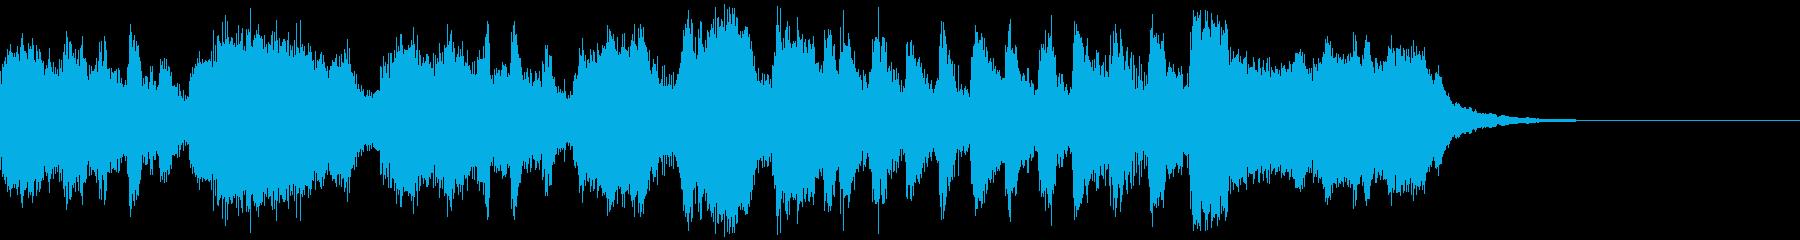 ファンファーレ 打楽器ありの再生済みの波形